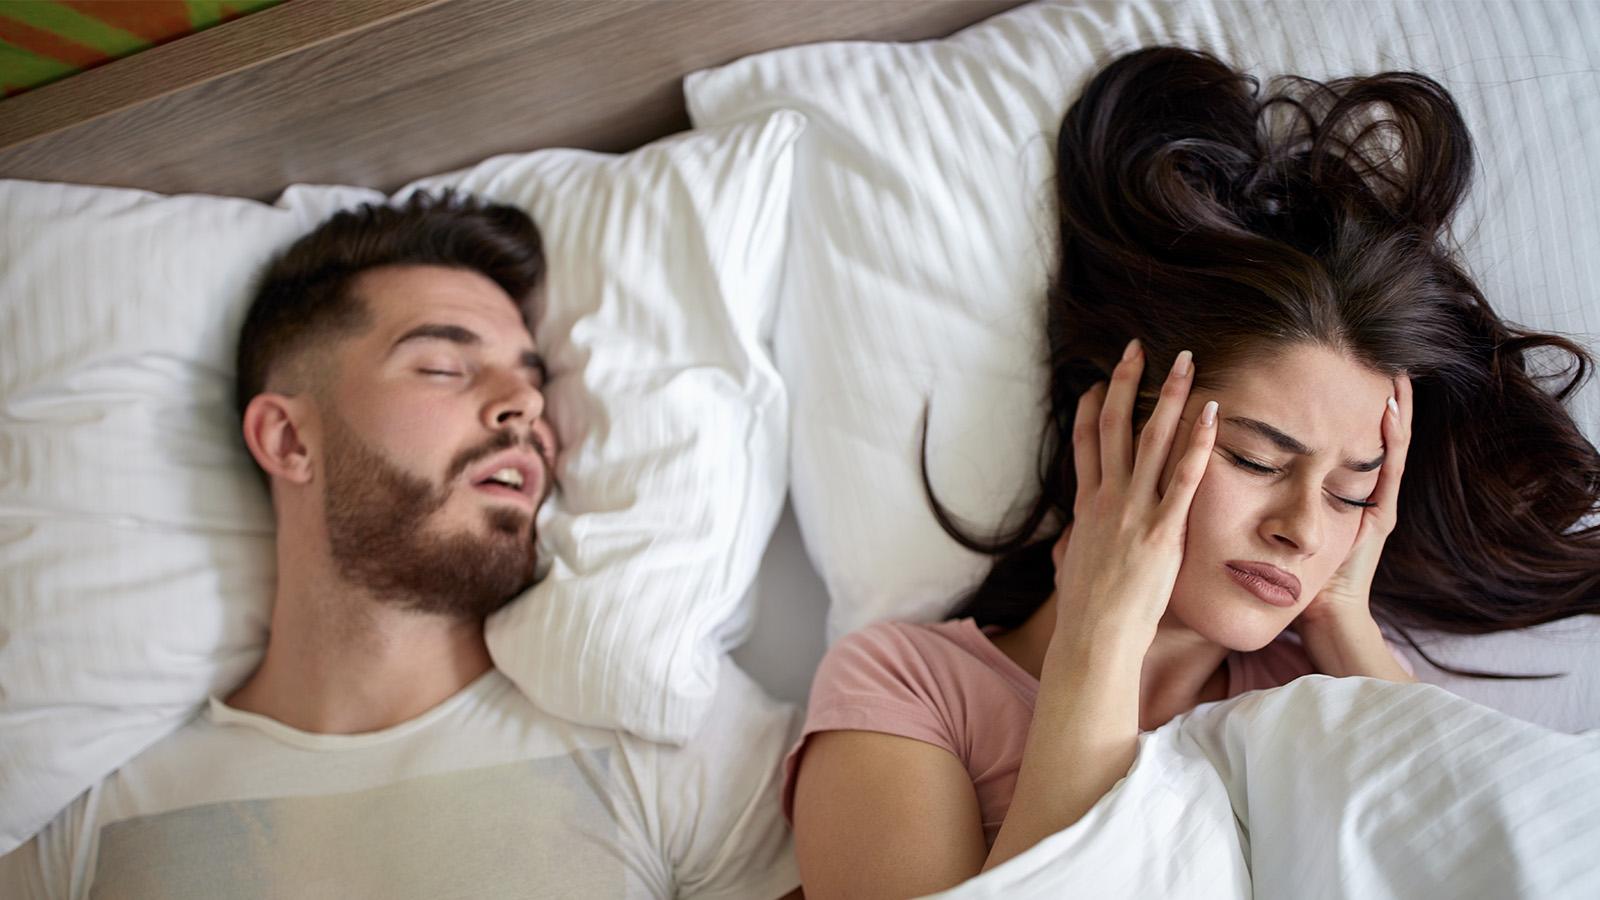 Schnarchen als Symptom bei Schlafapnoe